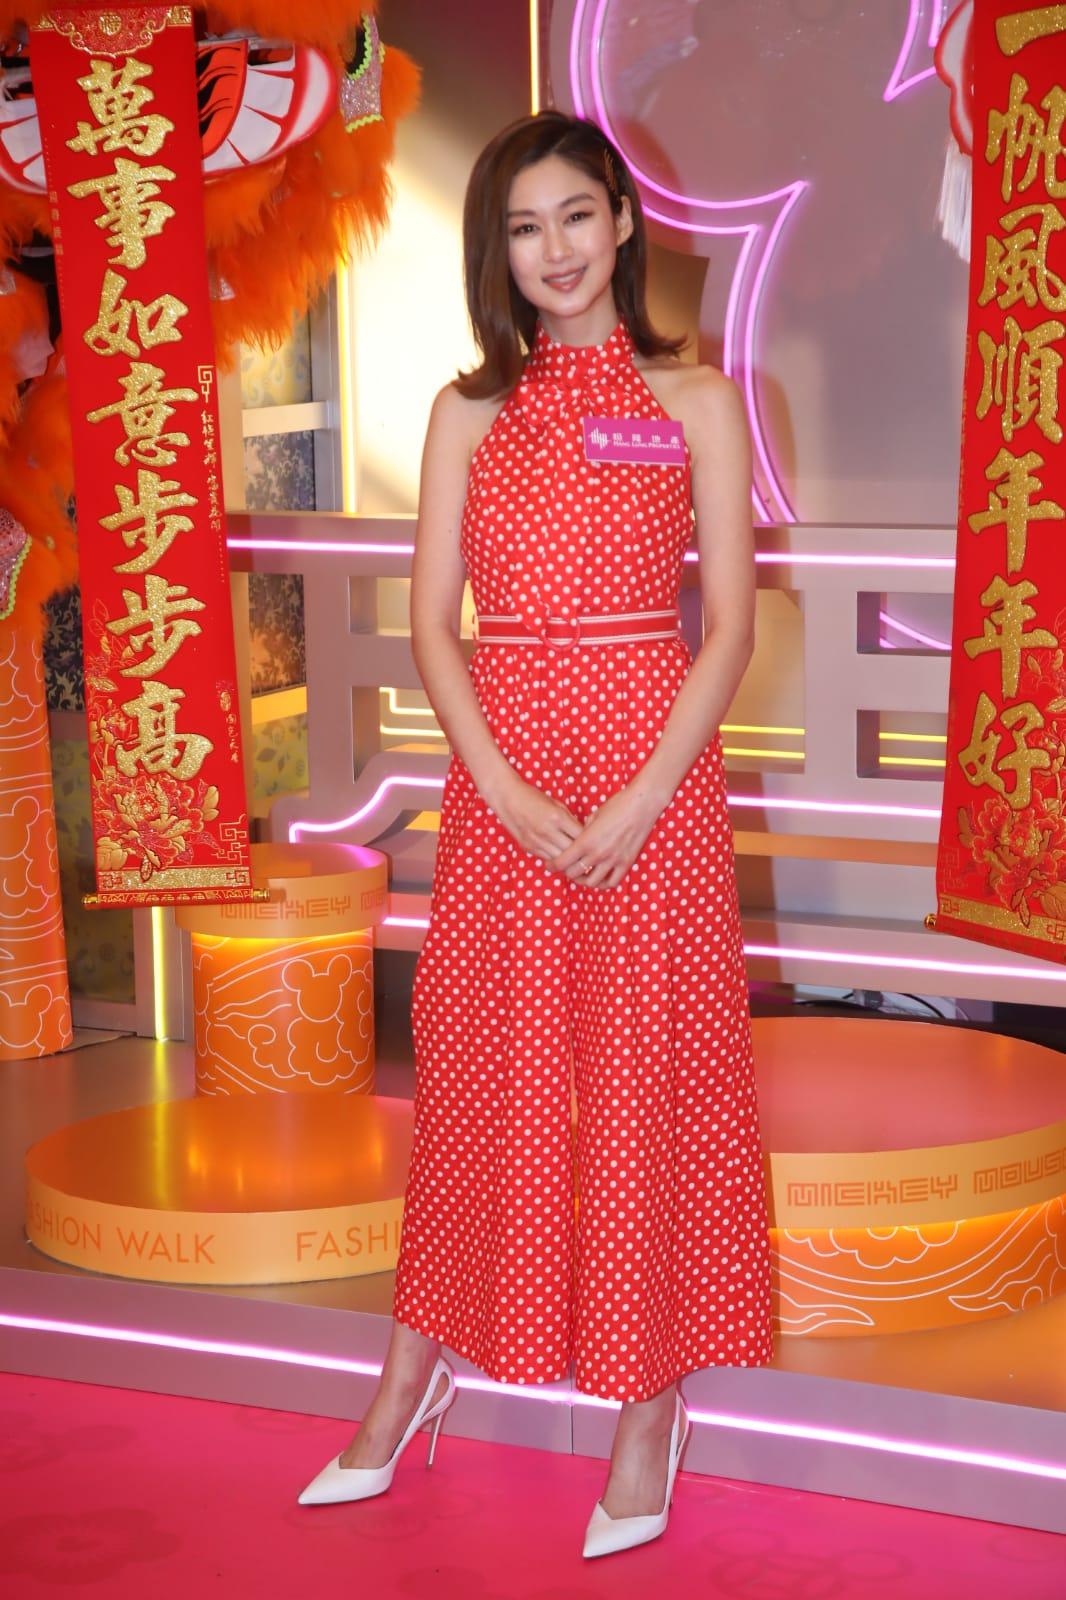 岑麗香:膊頭好靚,係揀啱裙嘅,但保守咗啲,既然新年可以玩多啲,不如換對紅色尖頭高踭鞋、戴番對耳環啦。